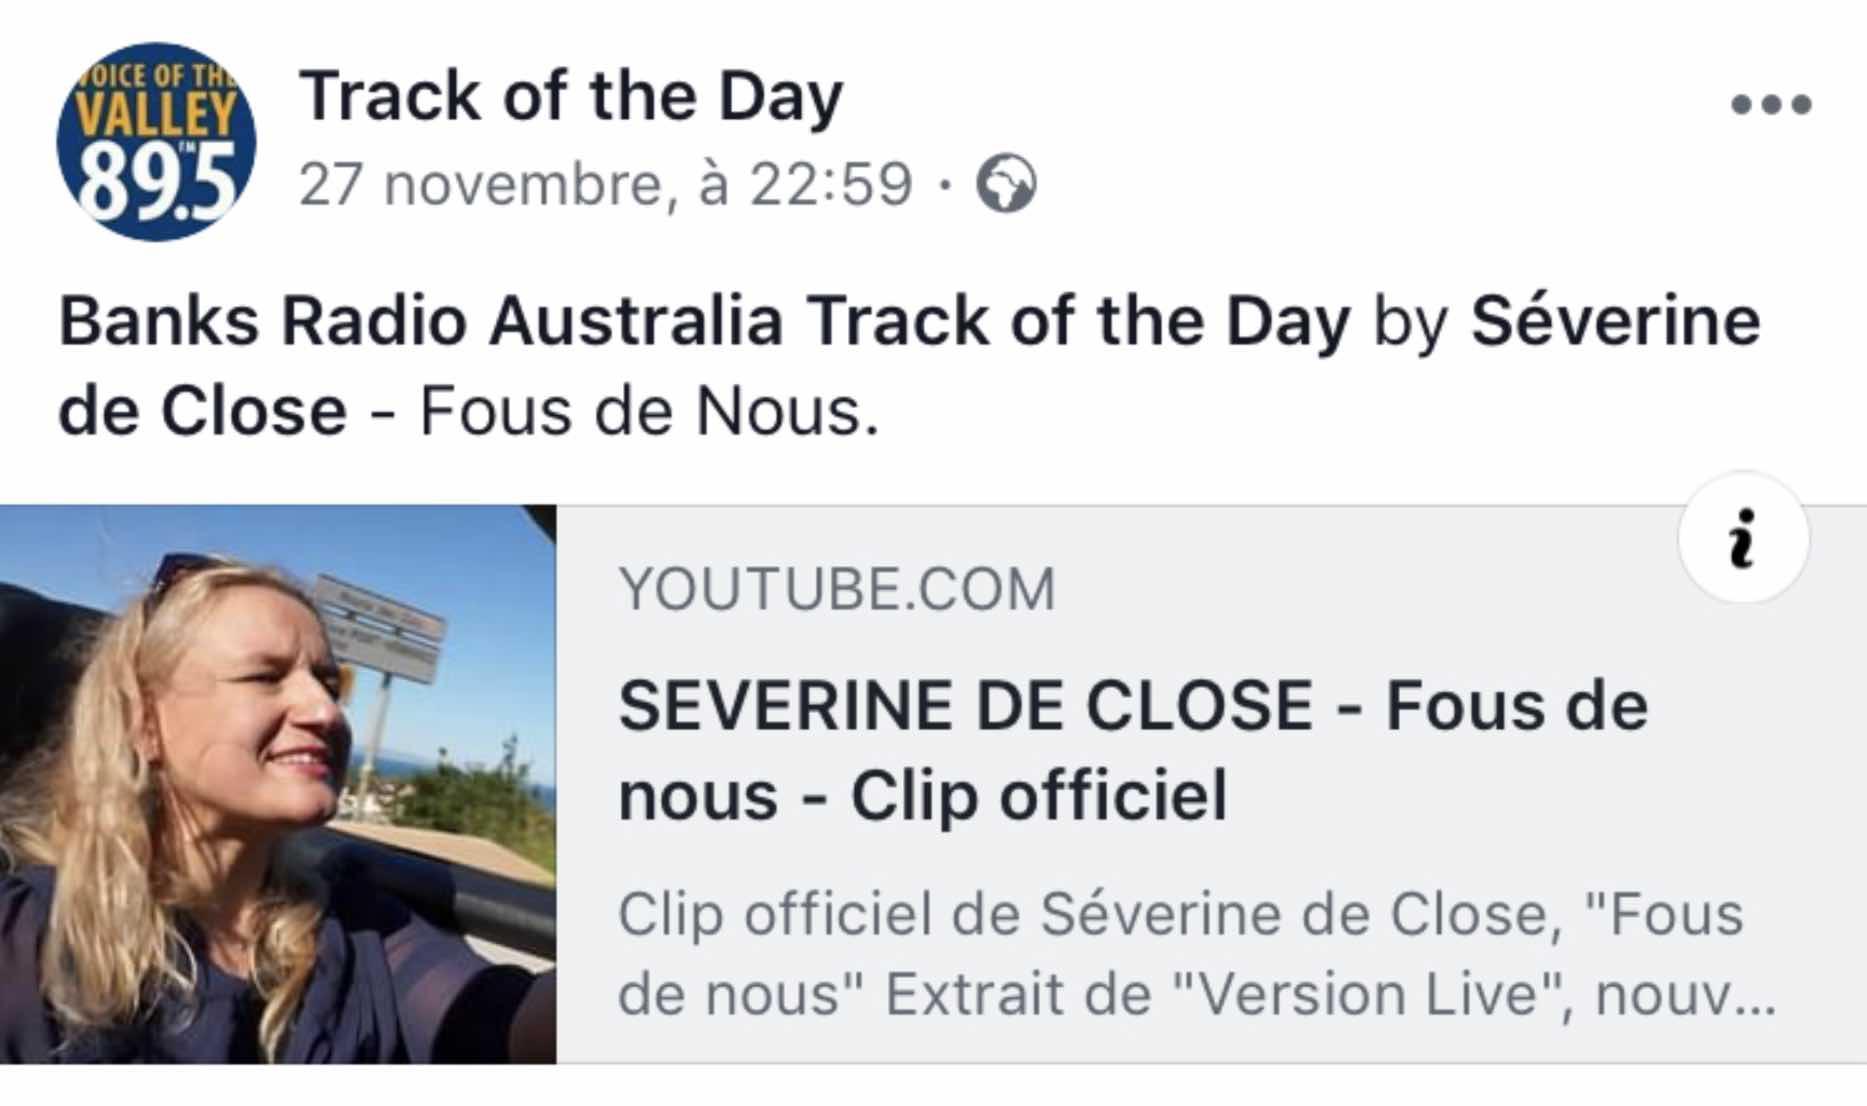 """""""Fous de nous"""" chanson du jour du Valley FM en Australie - novembre 2018"""